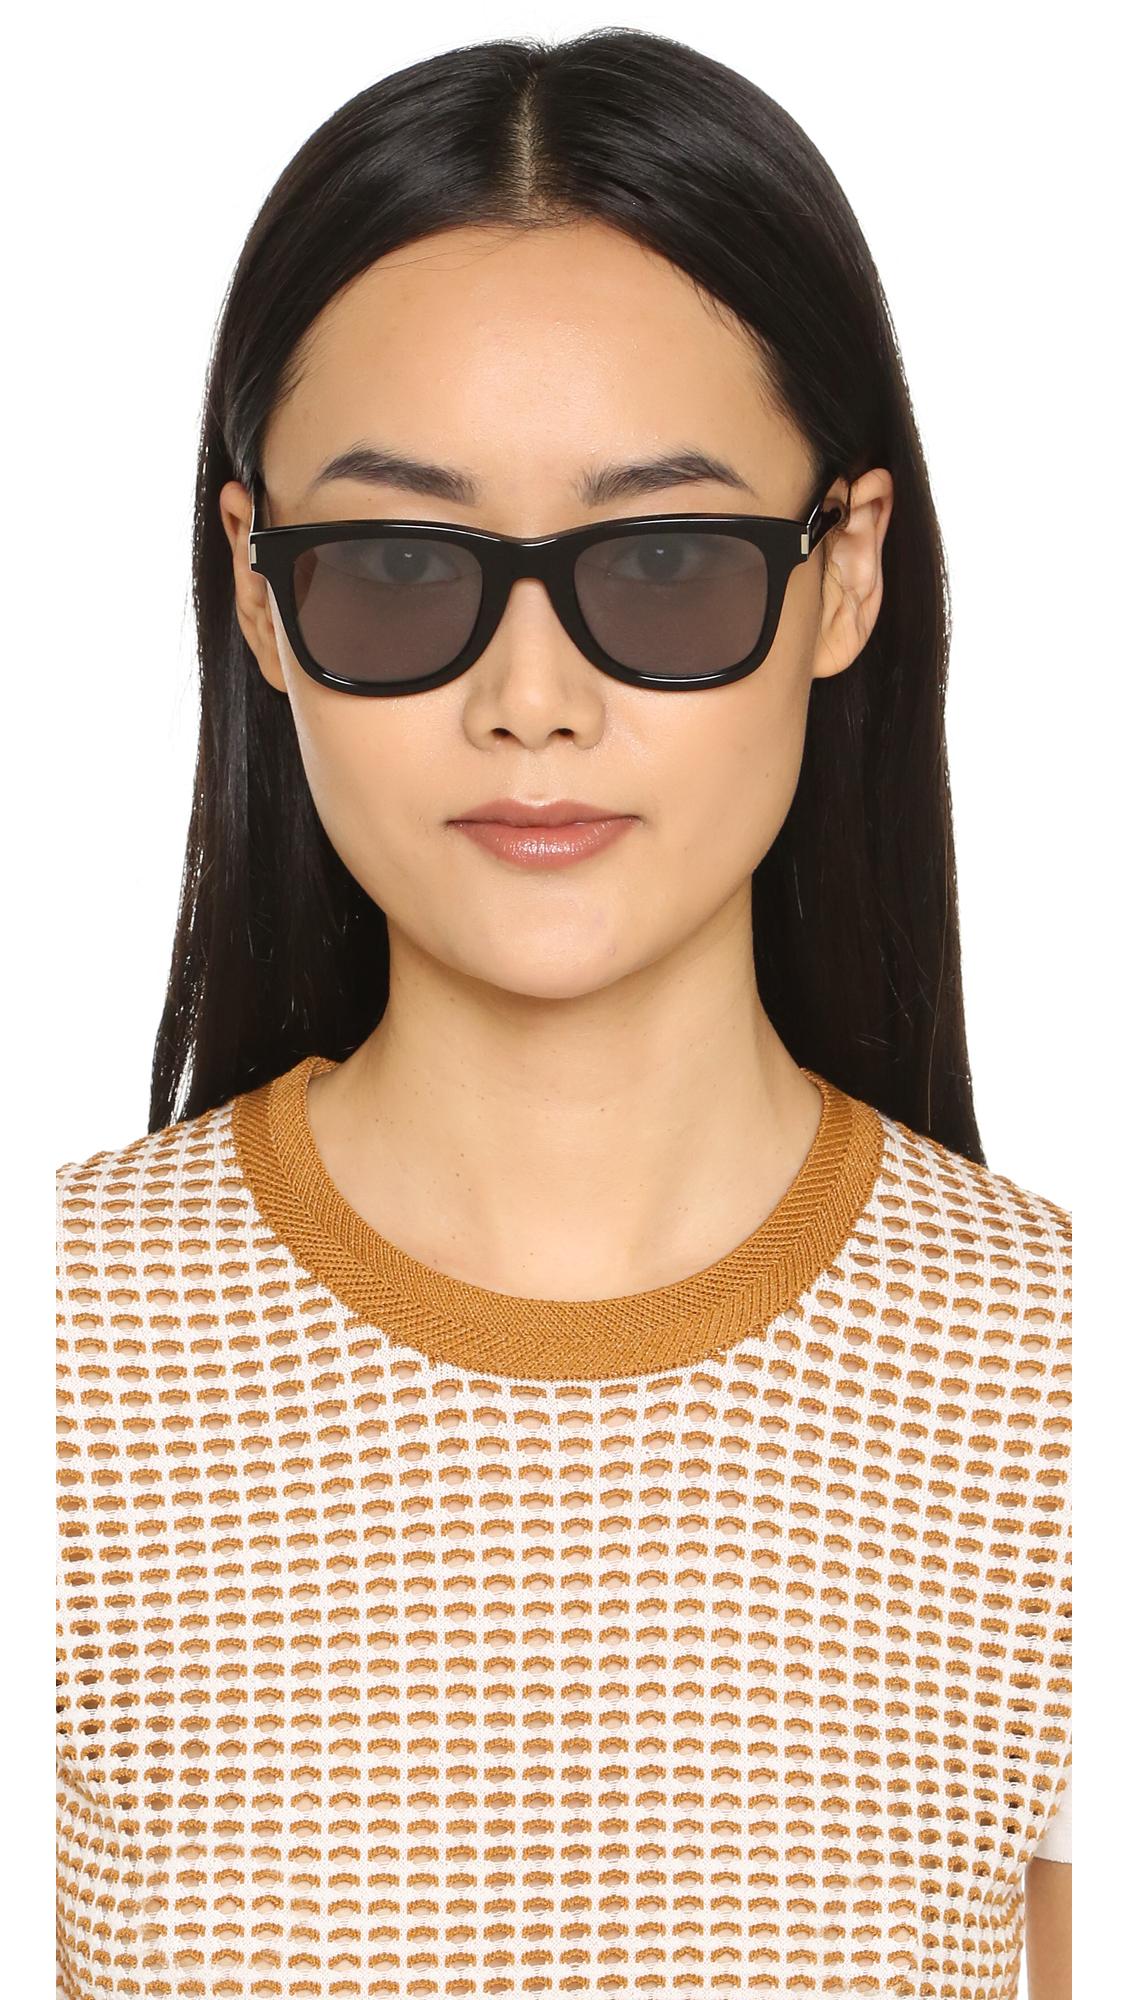 59666ae908 Saint Laurent SL 51 Sunglasses